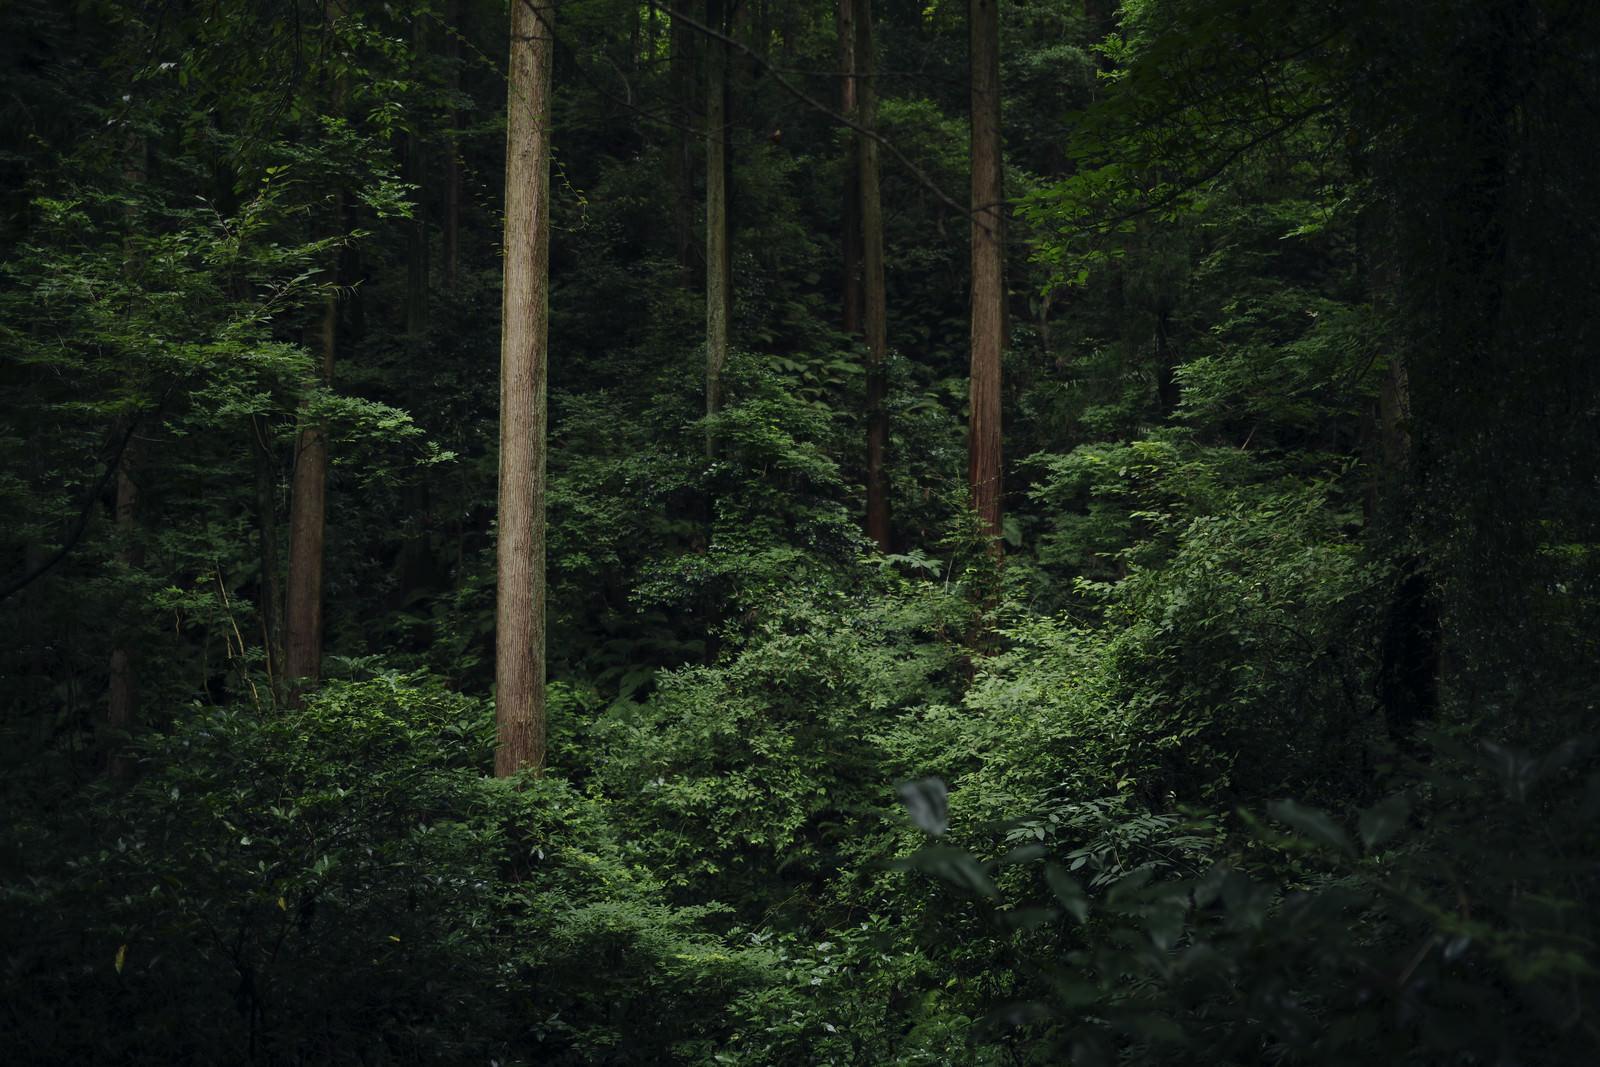 「杉林で浮かび上がる立派な杉の木」の写真